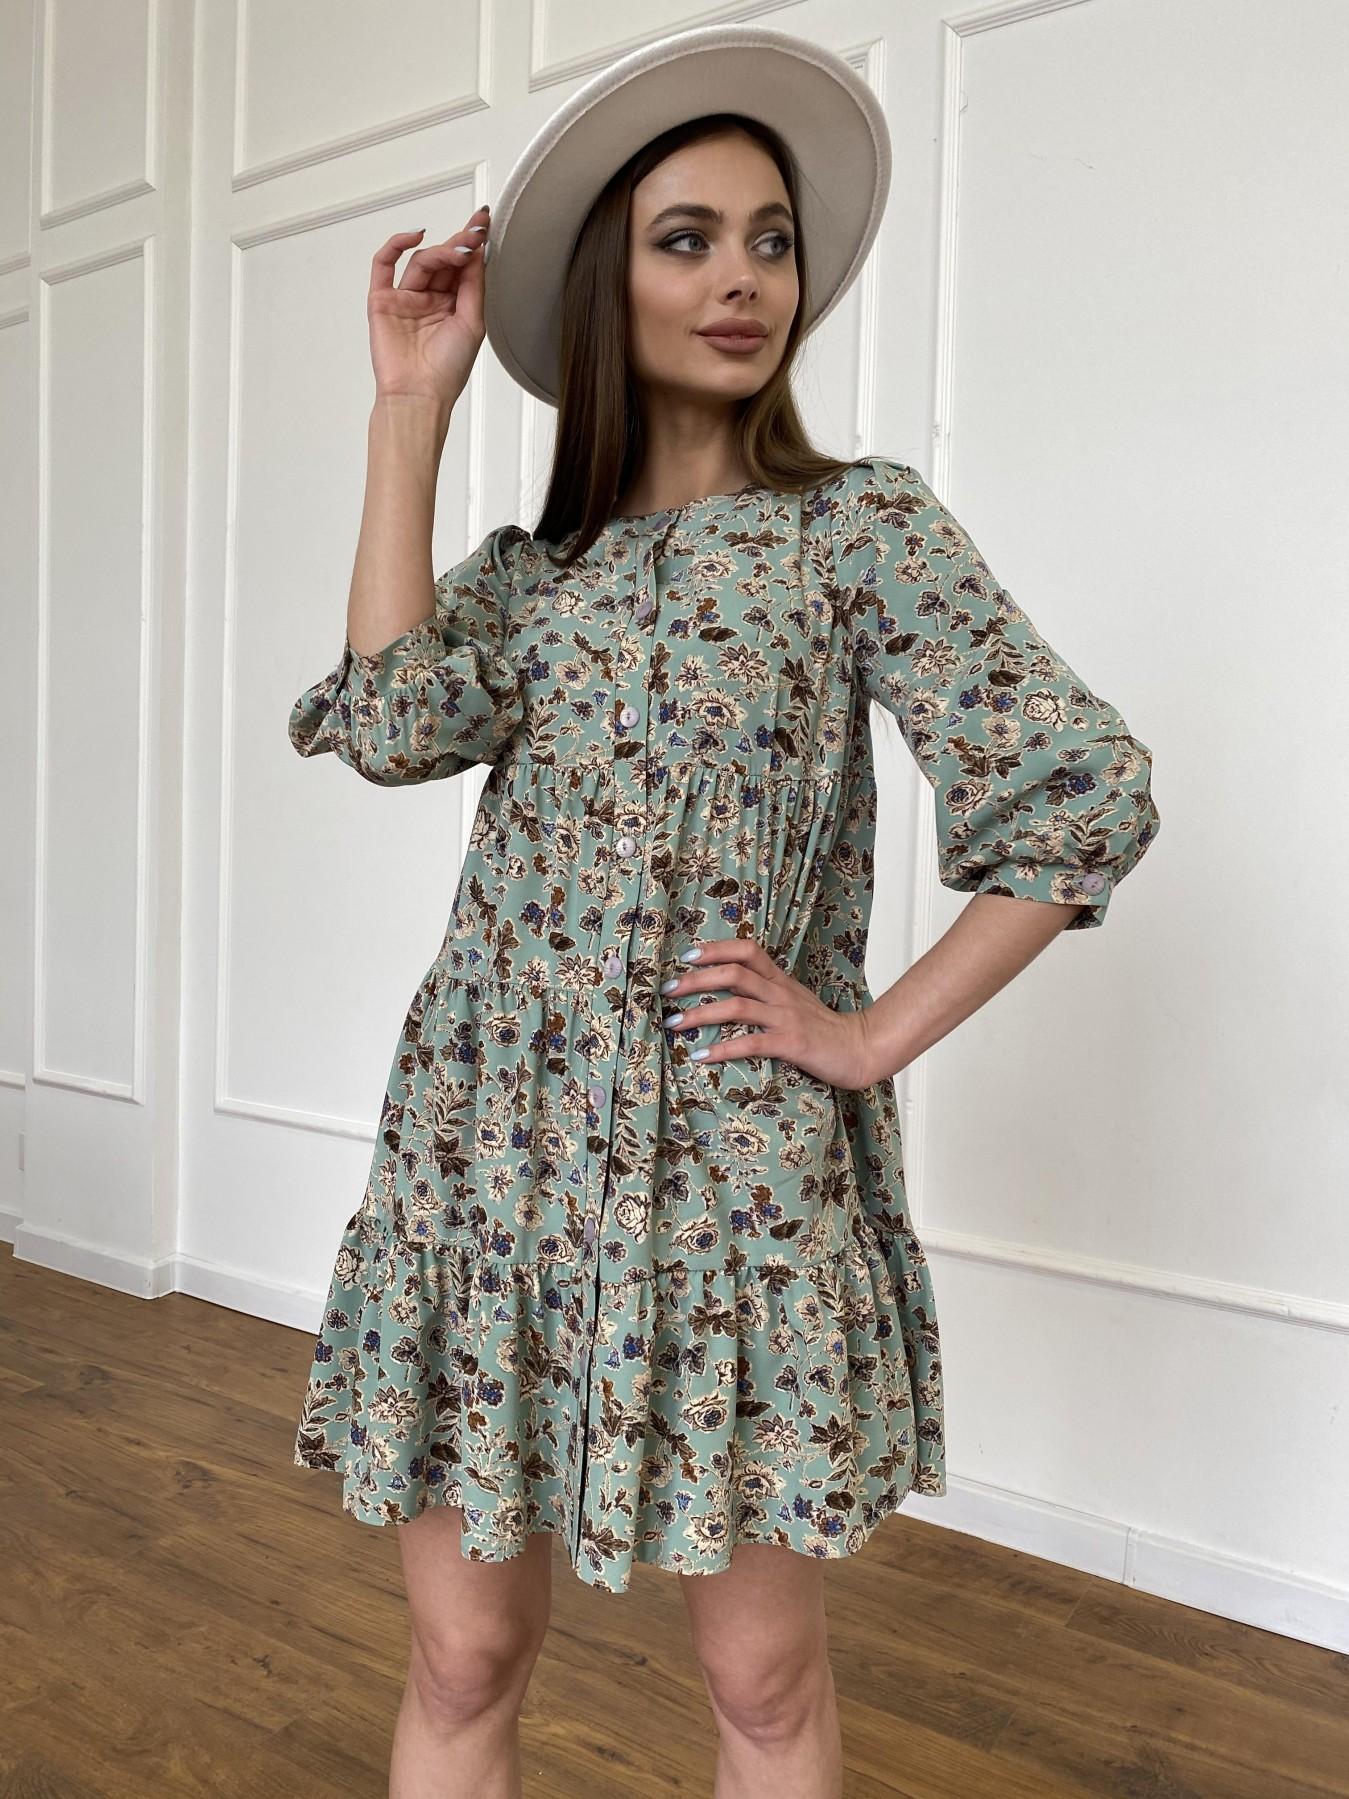 Берри платье из ткани софт в принт 11211 АРТ. 47722 Цвет: Олива/бежевый, Цветы - фото 8, интернет магазин tm-modus.ru